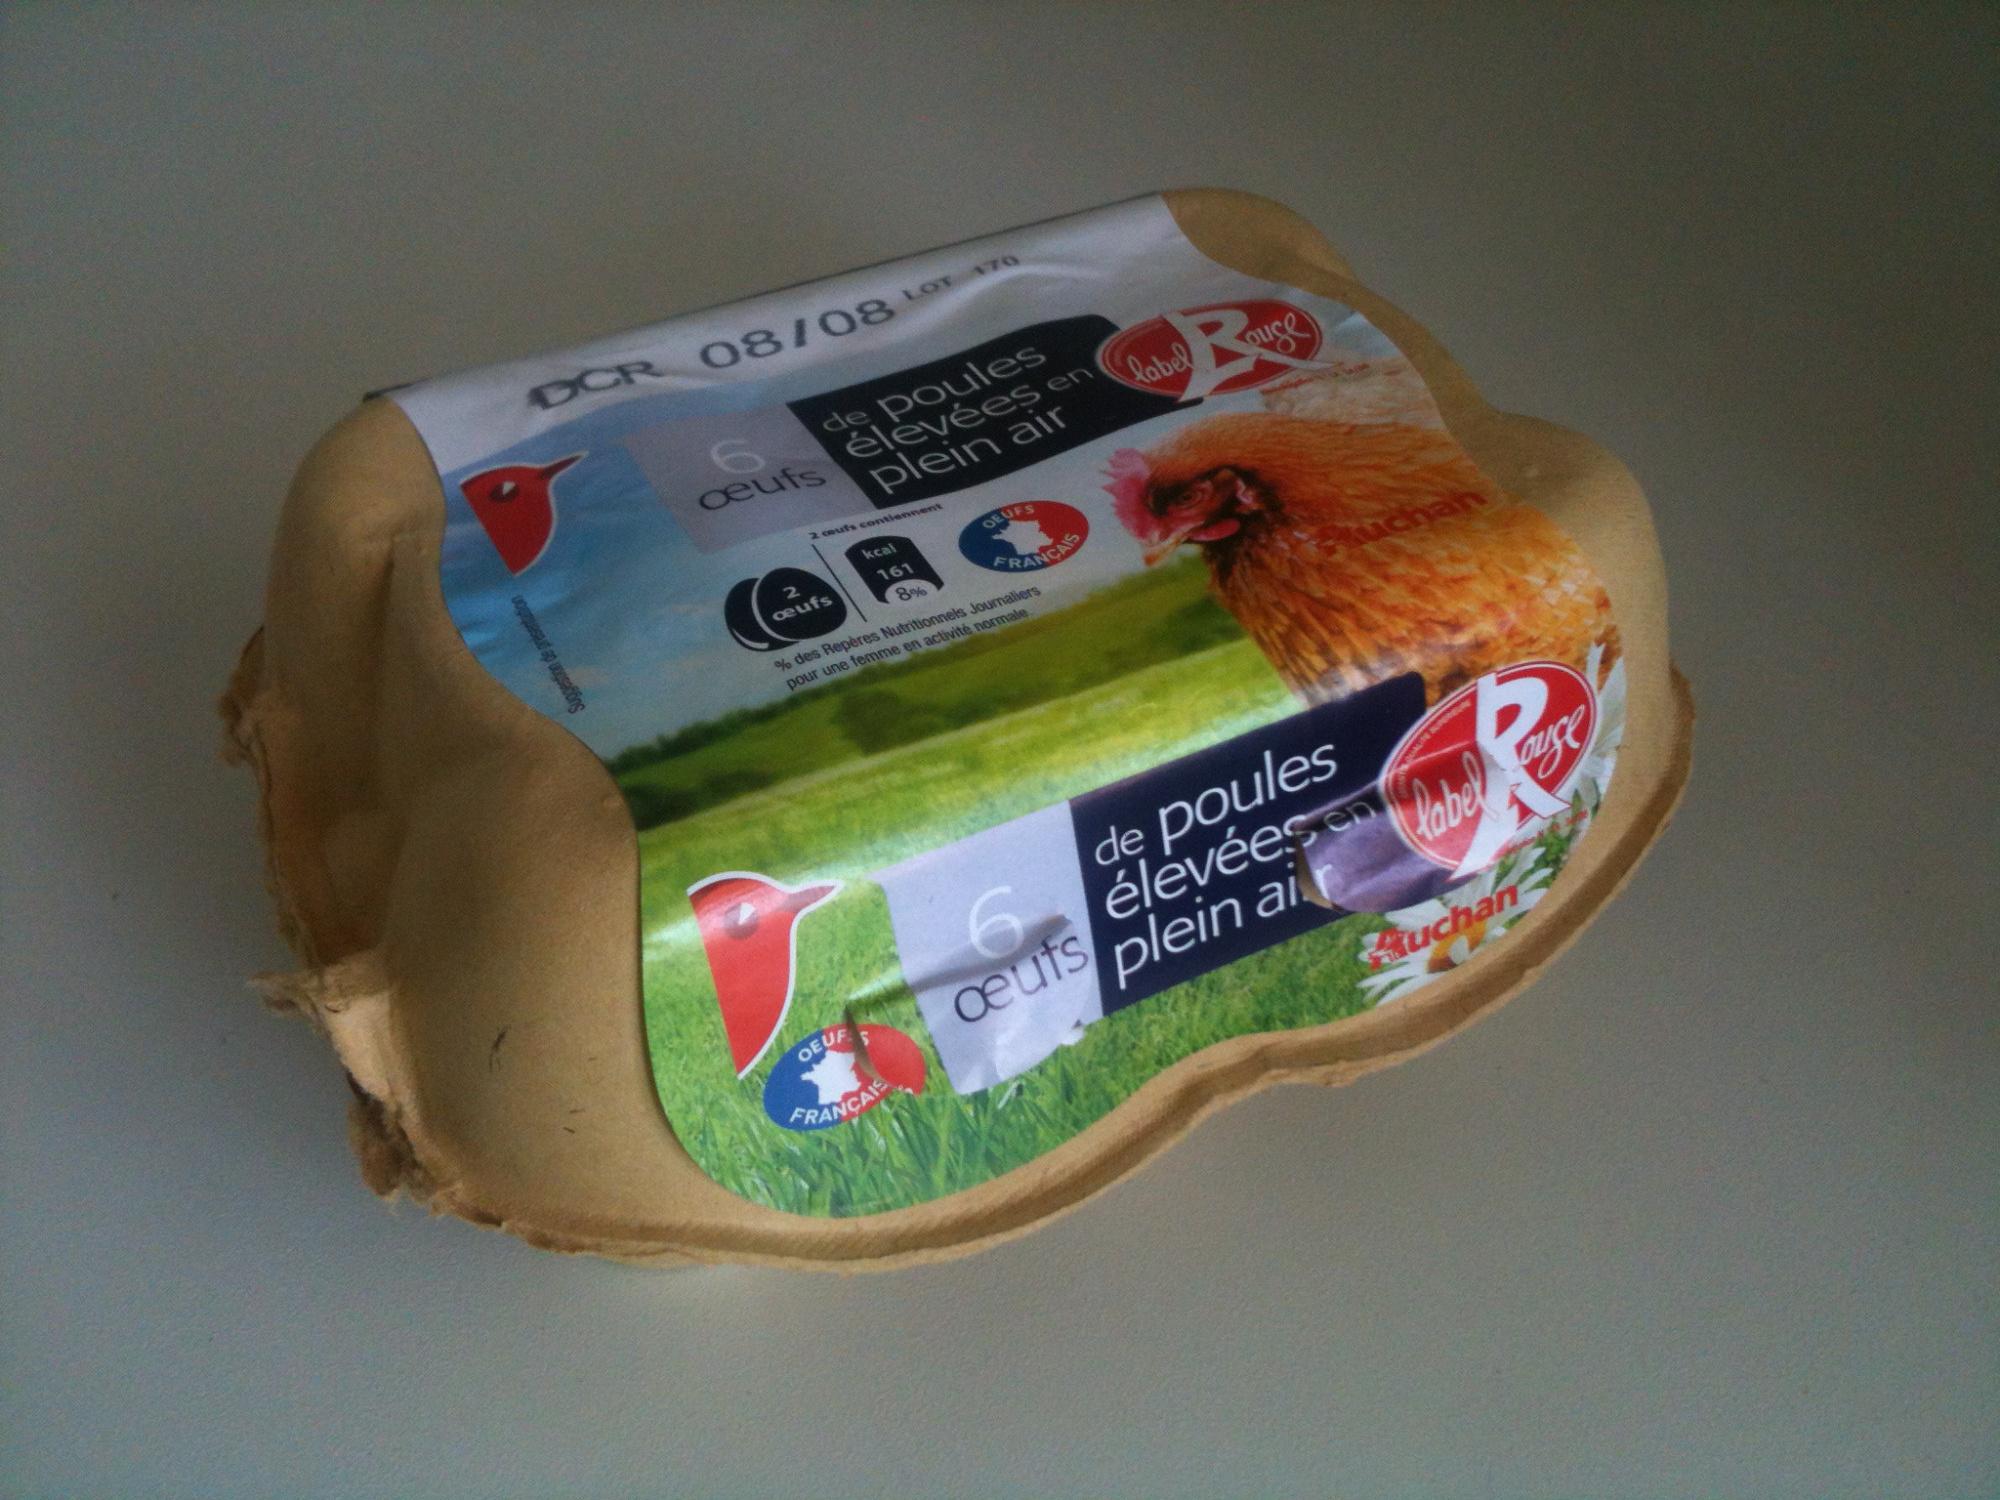 Oeufs de poules élevées en plein air (x 6) Label Rouge - Product